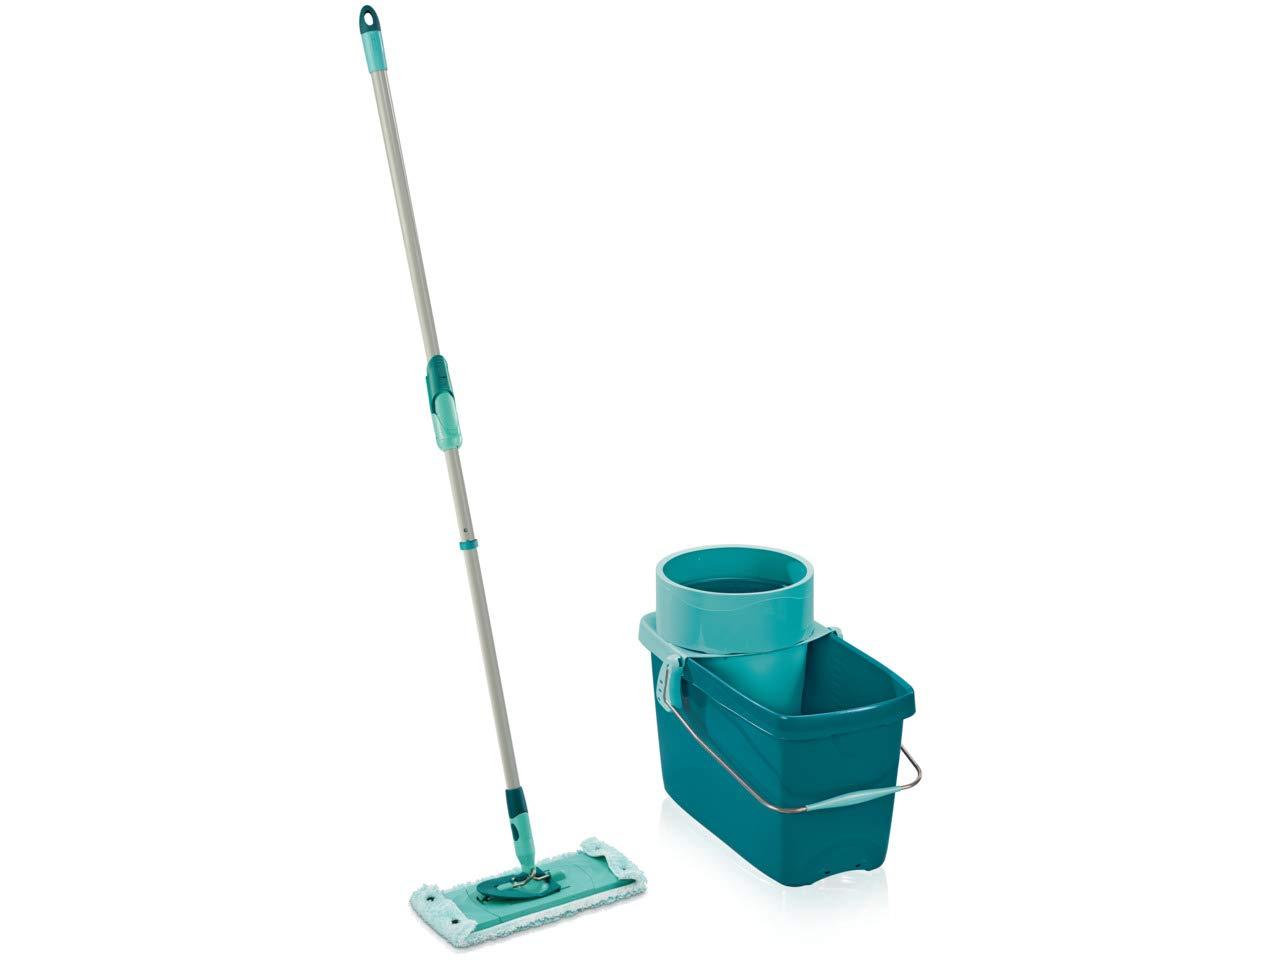 Leifheit 52014 Set Clean Twist System Plastique Bleu Turquoise